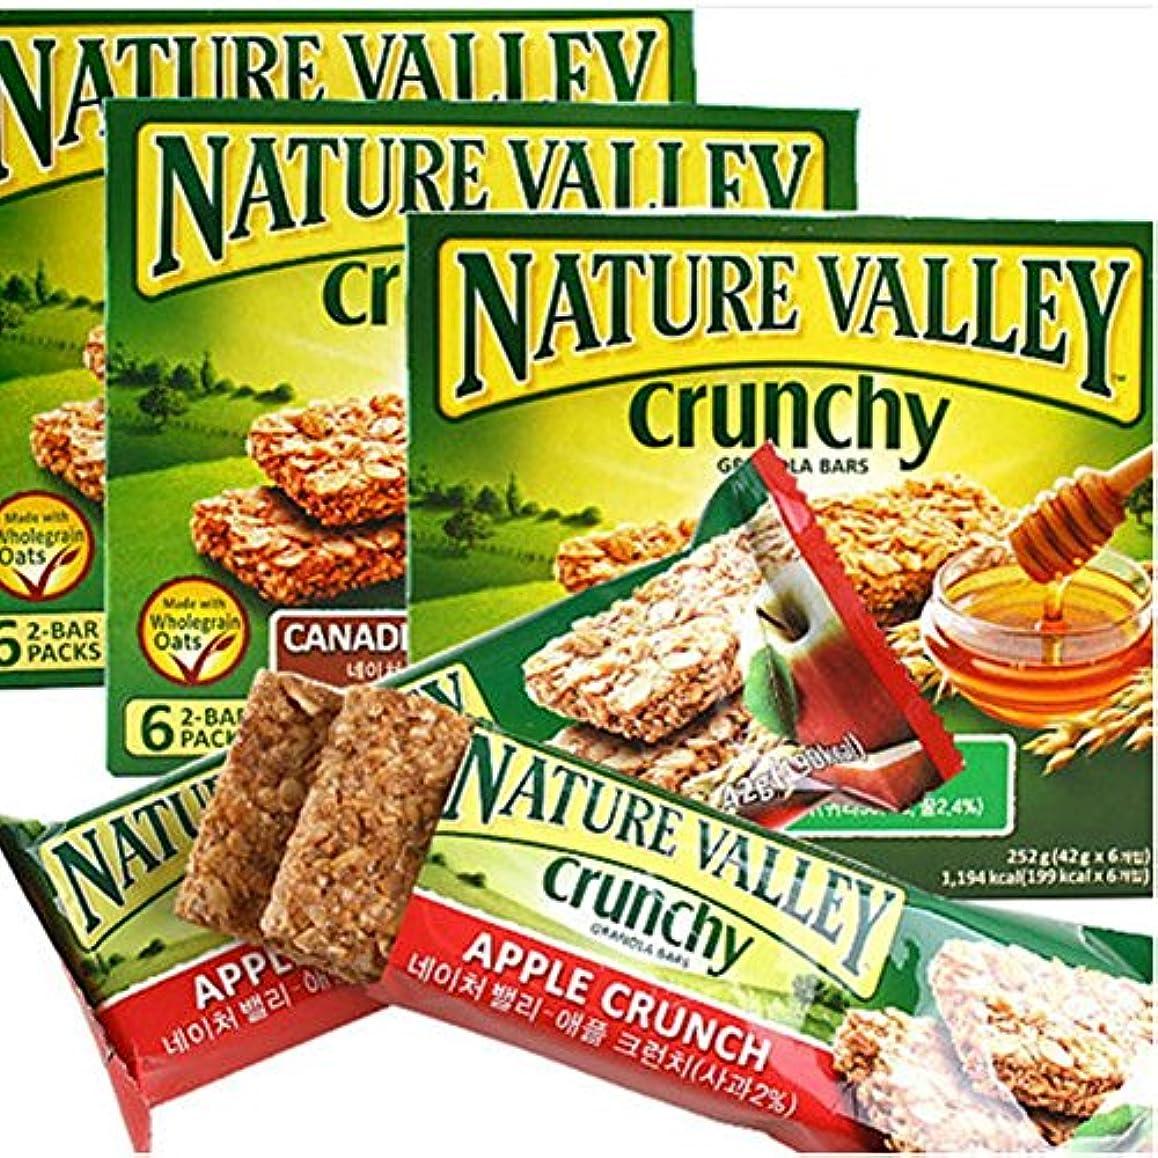 弱い吸収するオーガニック[ネイチャーバレー/Nature Valley] APPLE CRUNCH SYRUP/ネイチャーバレークランチグラノーラバー42g5パックx3 Box - アップルクランチシロップ(合計15袋)穀物バー/シリアル/栄養...